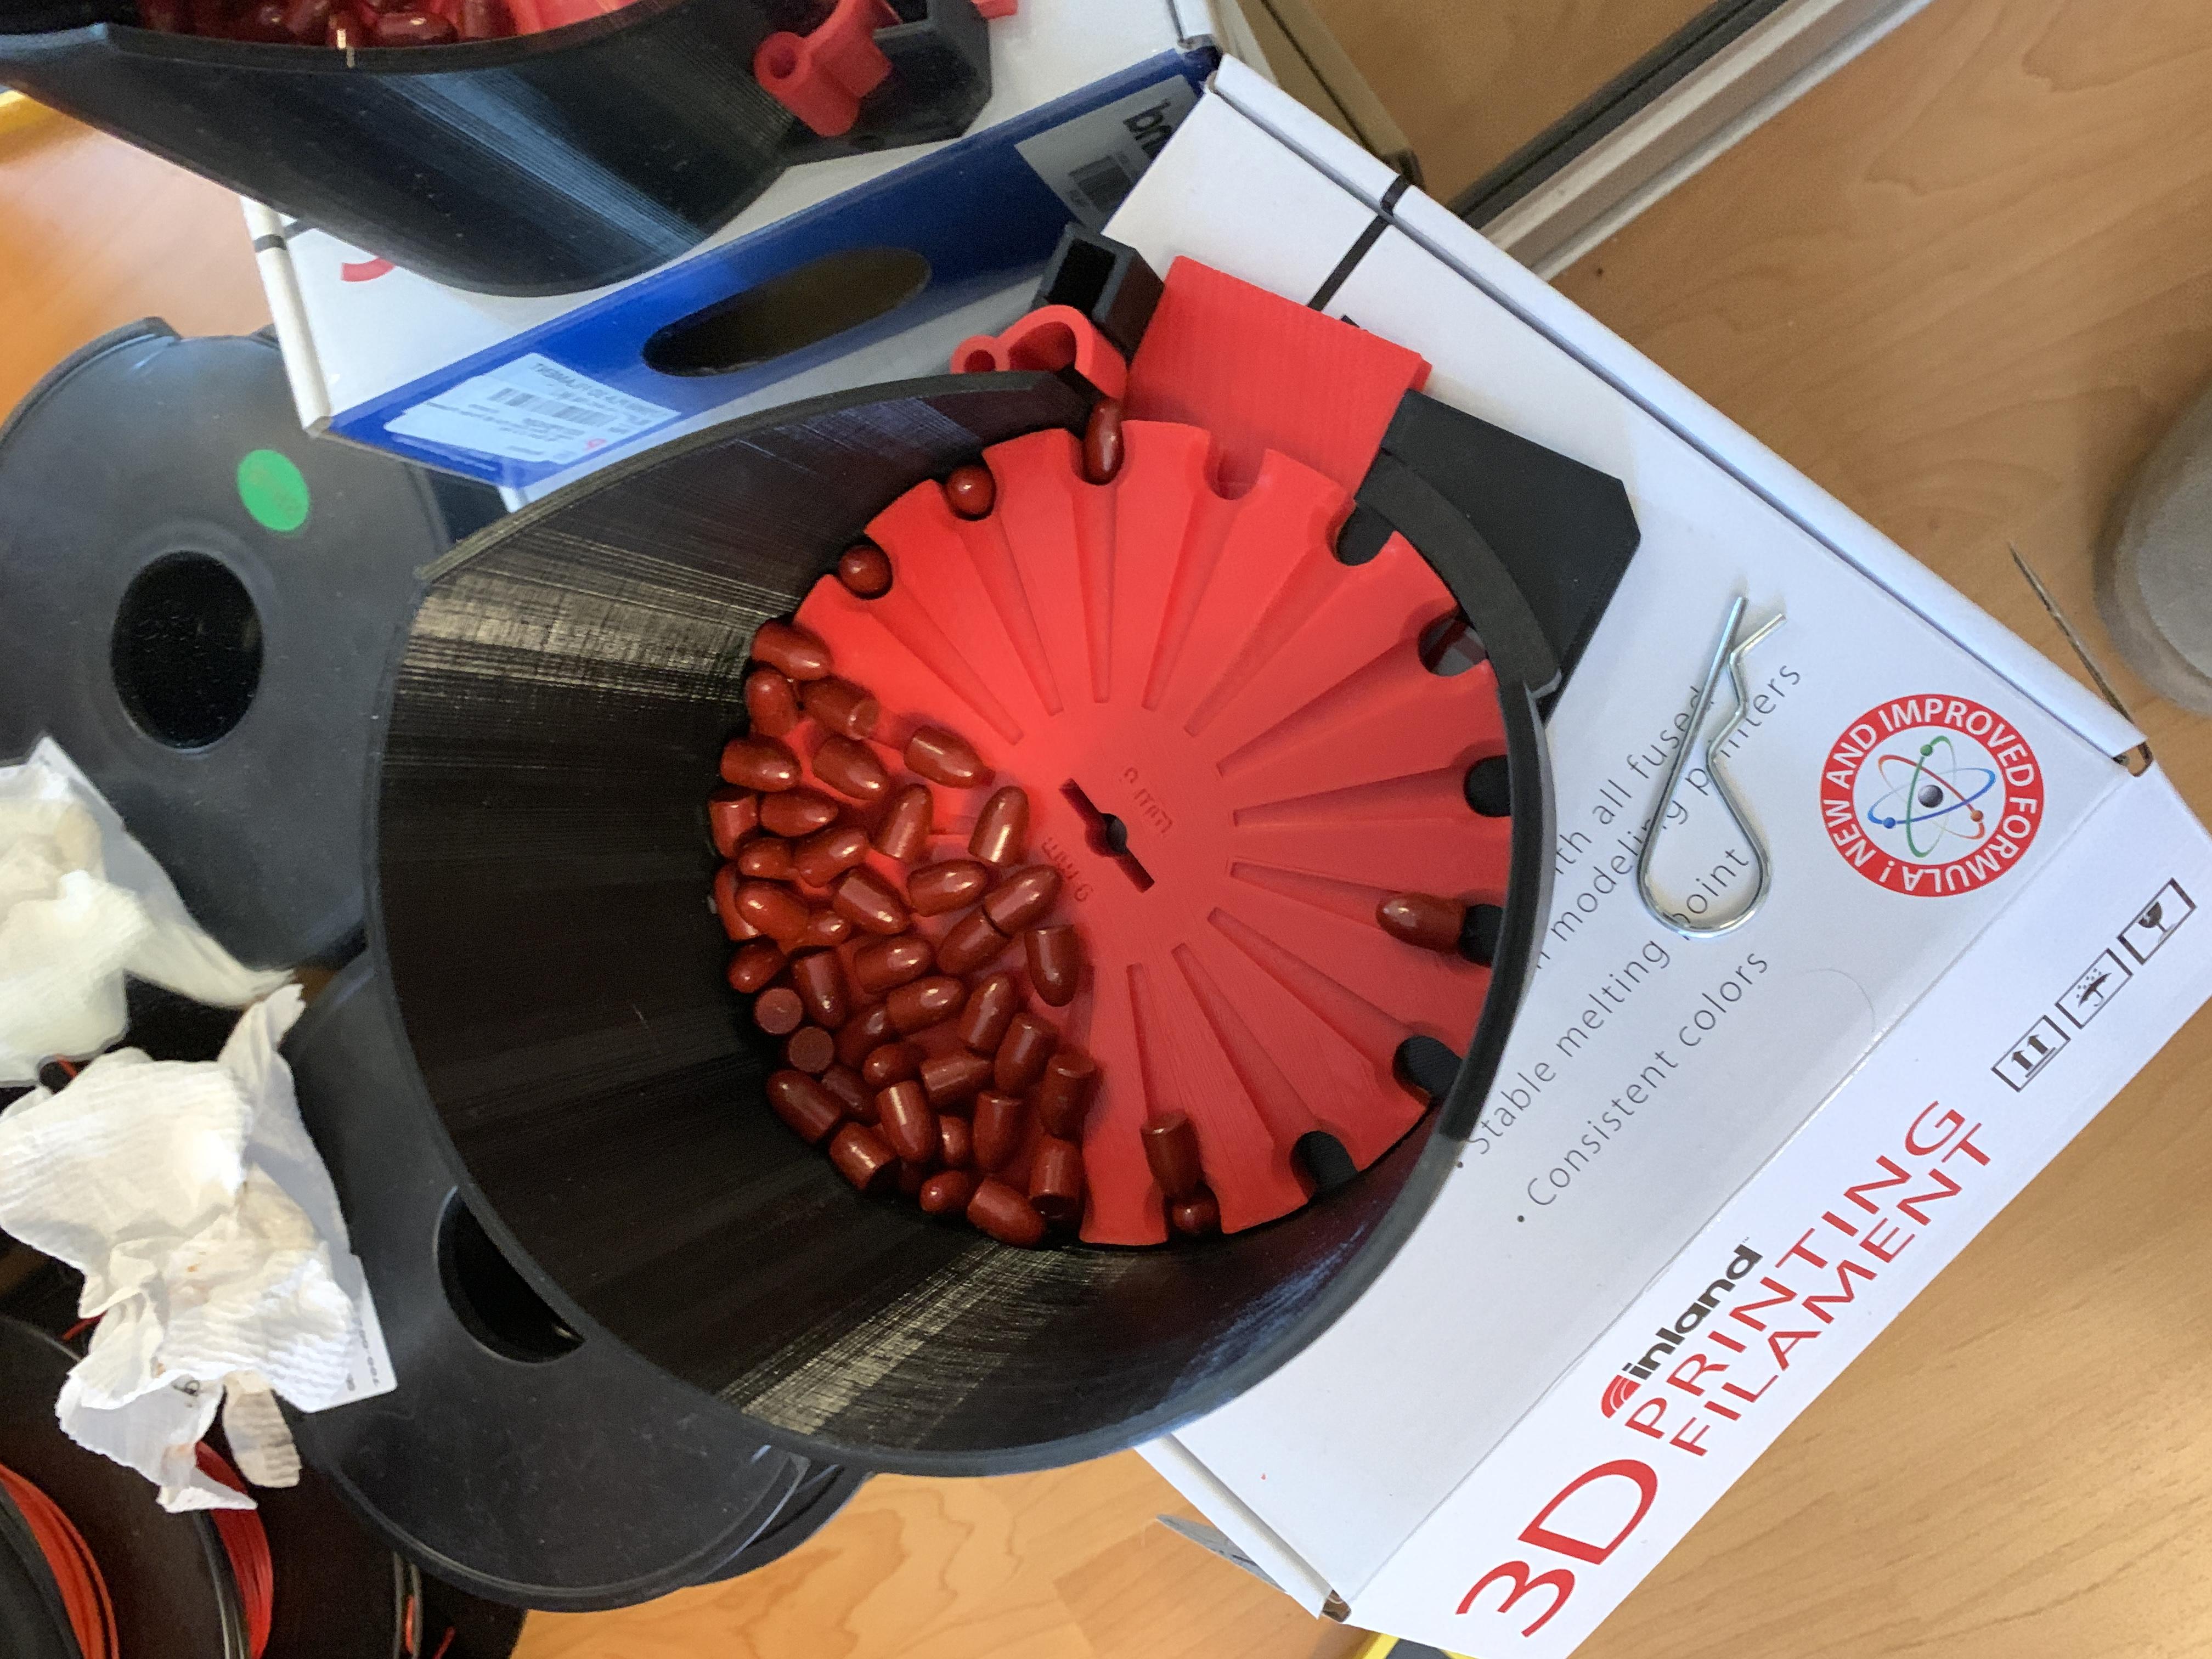 openBulletFeeder - DIY bullet feeder by ProMSL